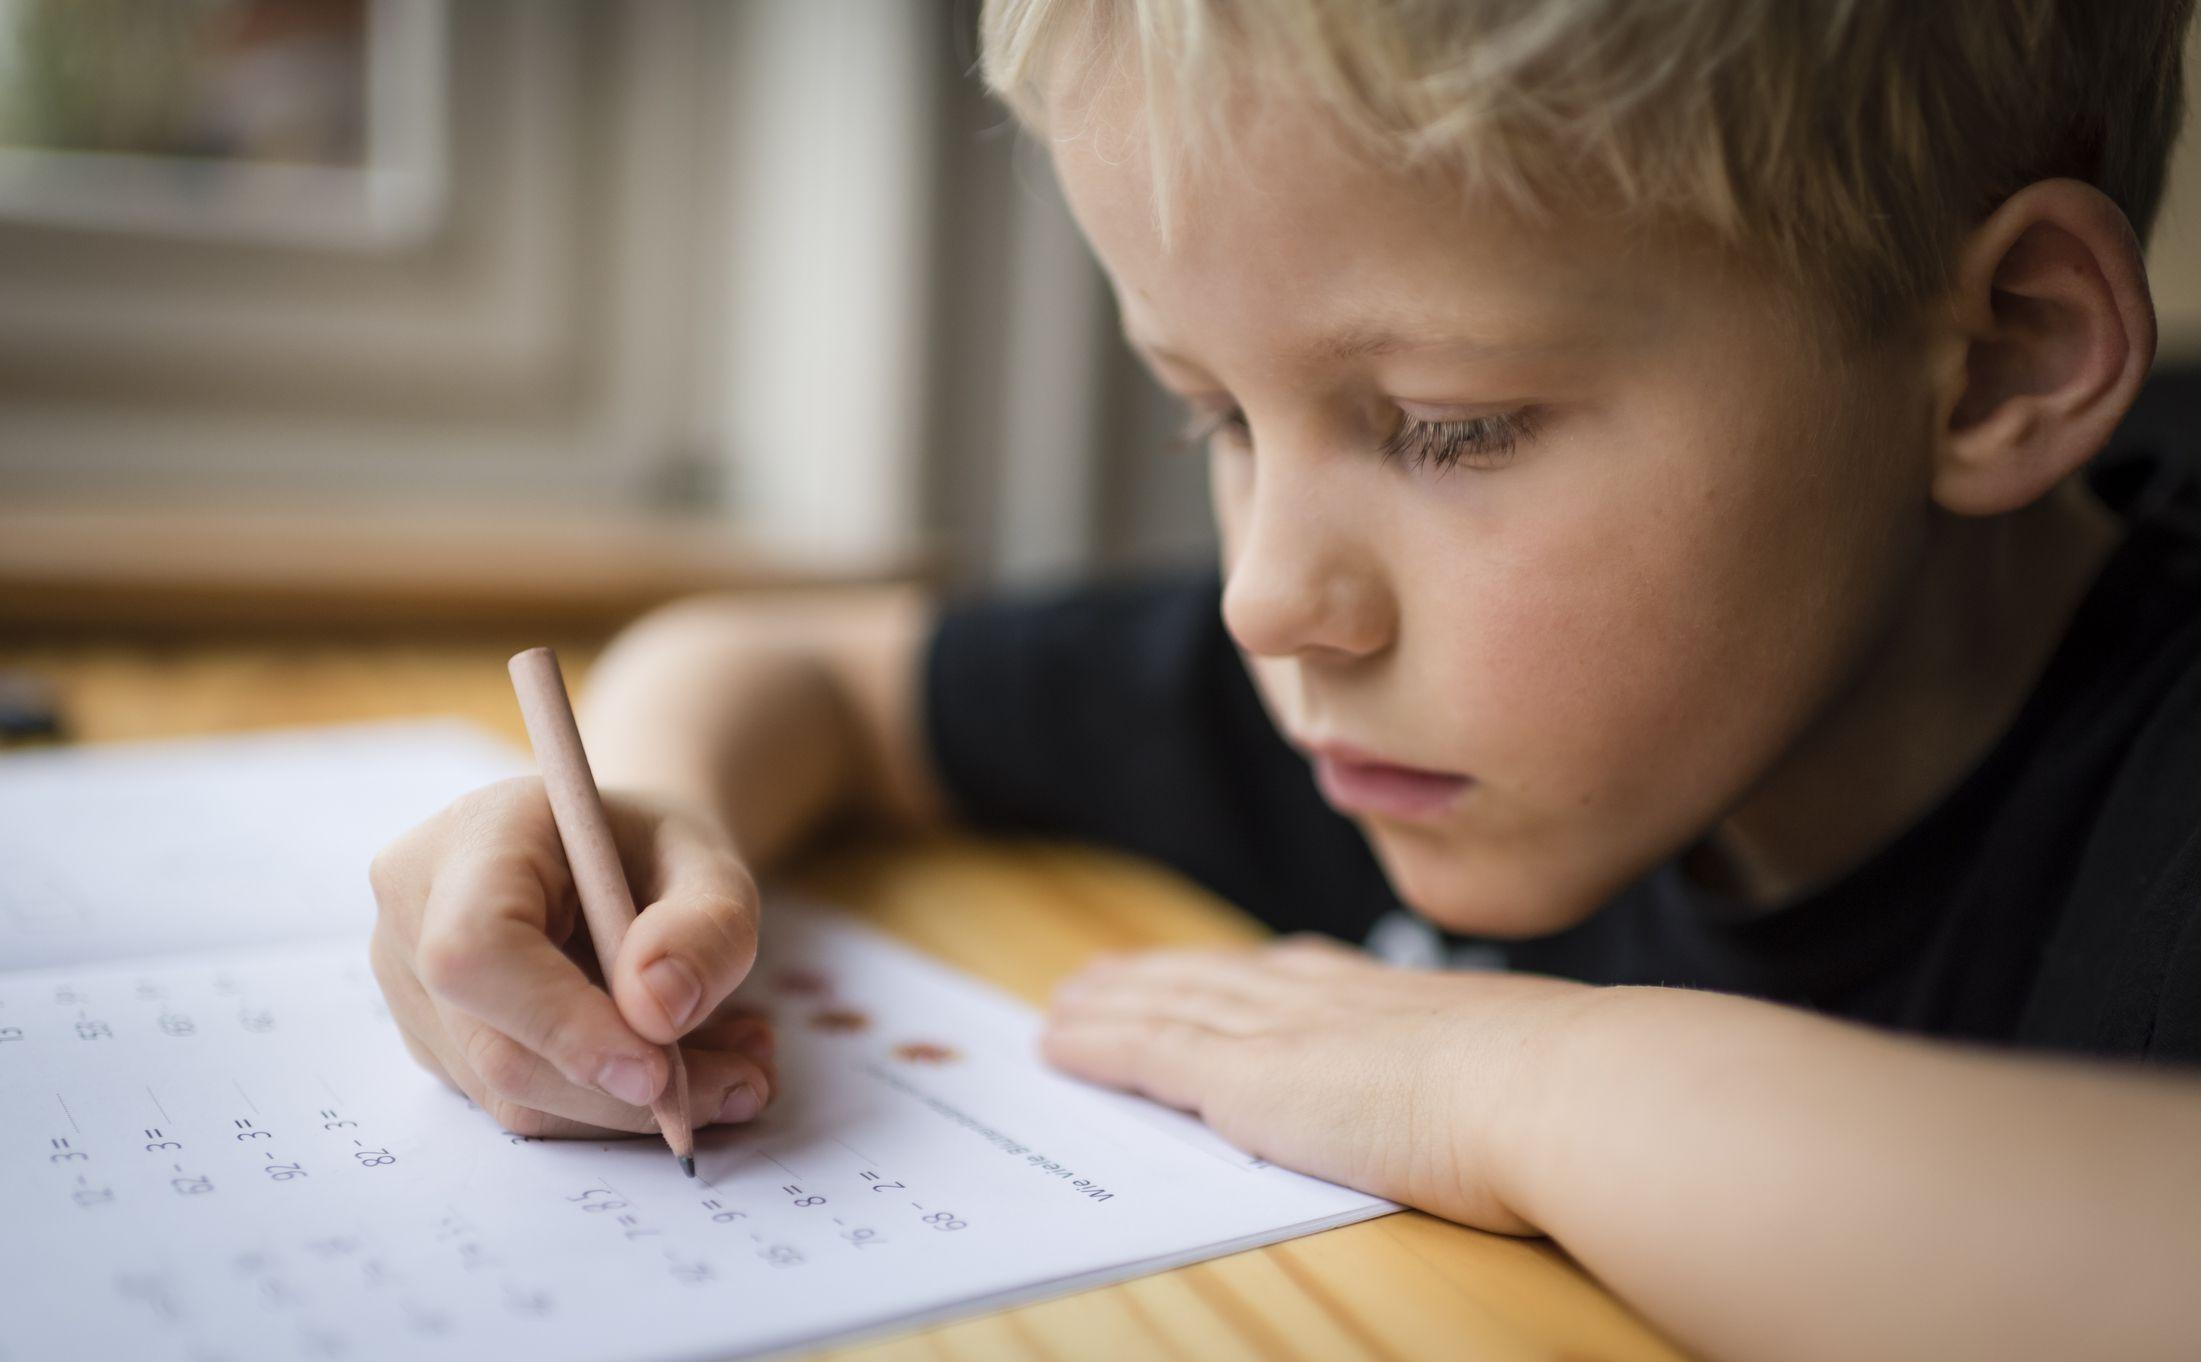 Child working on math homework